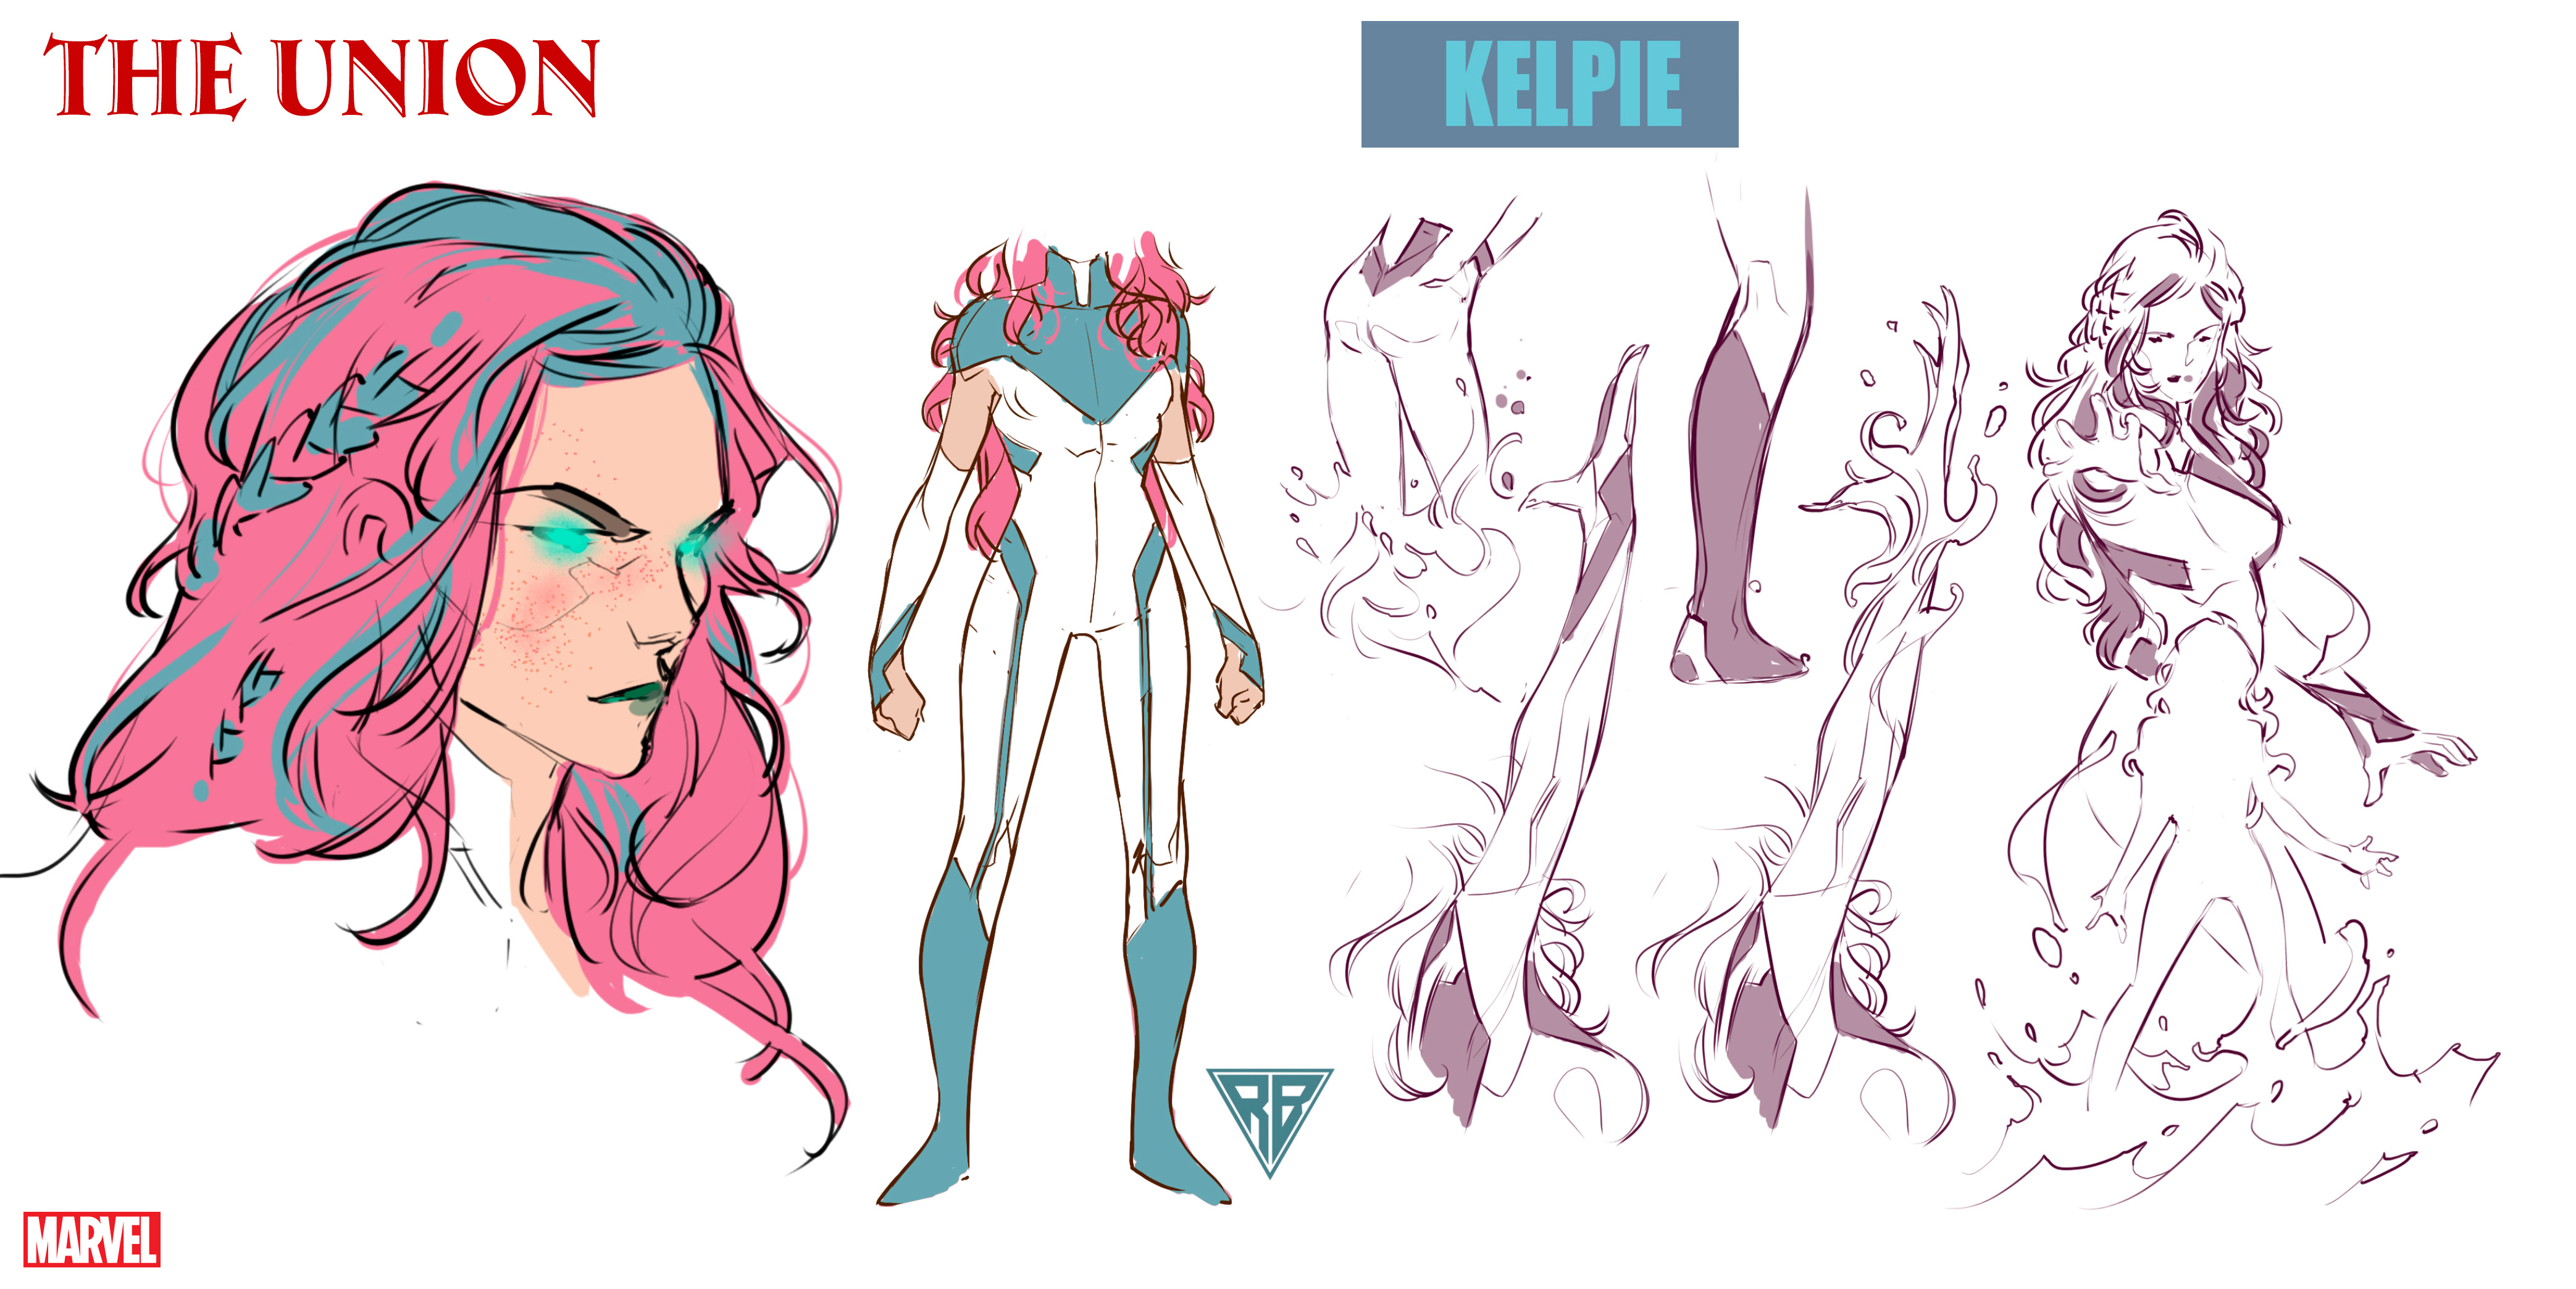 KELPIE_design